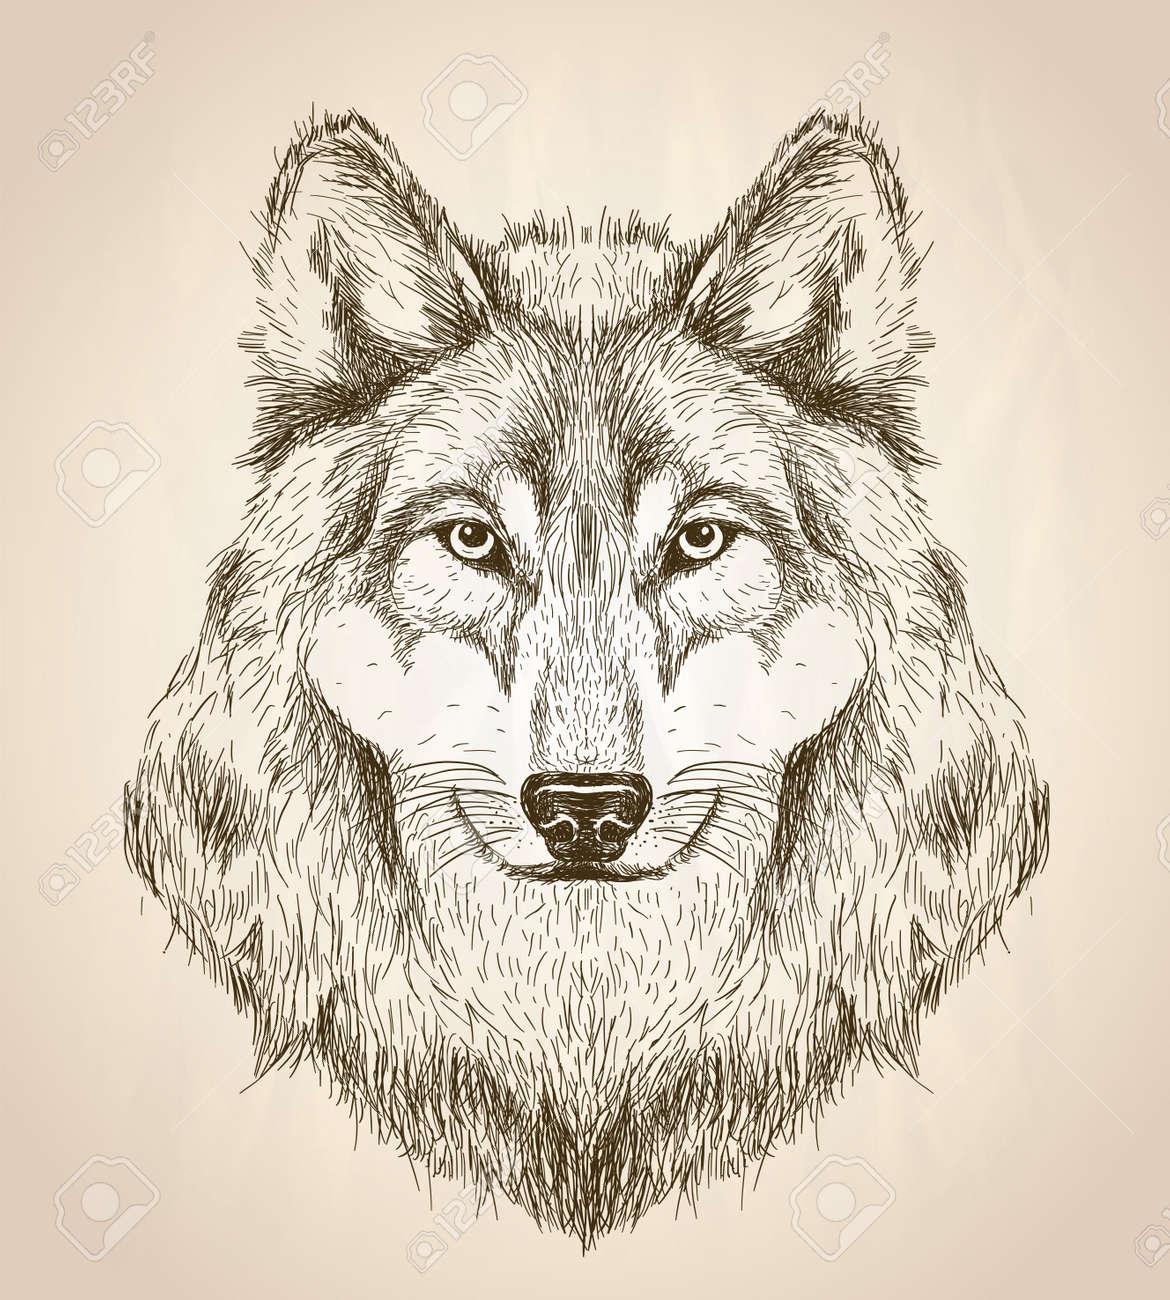 狼ヘッド正面黒と白のベクトル野生動物デザインのベクター スケッチ イラスト